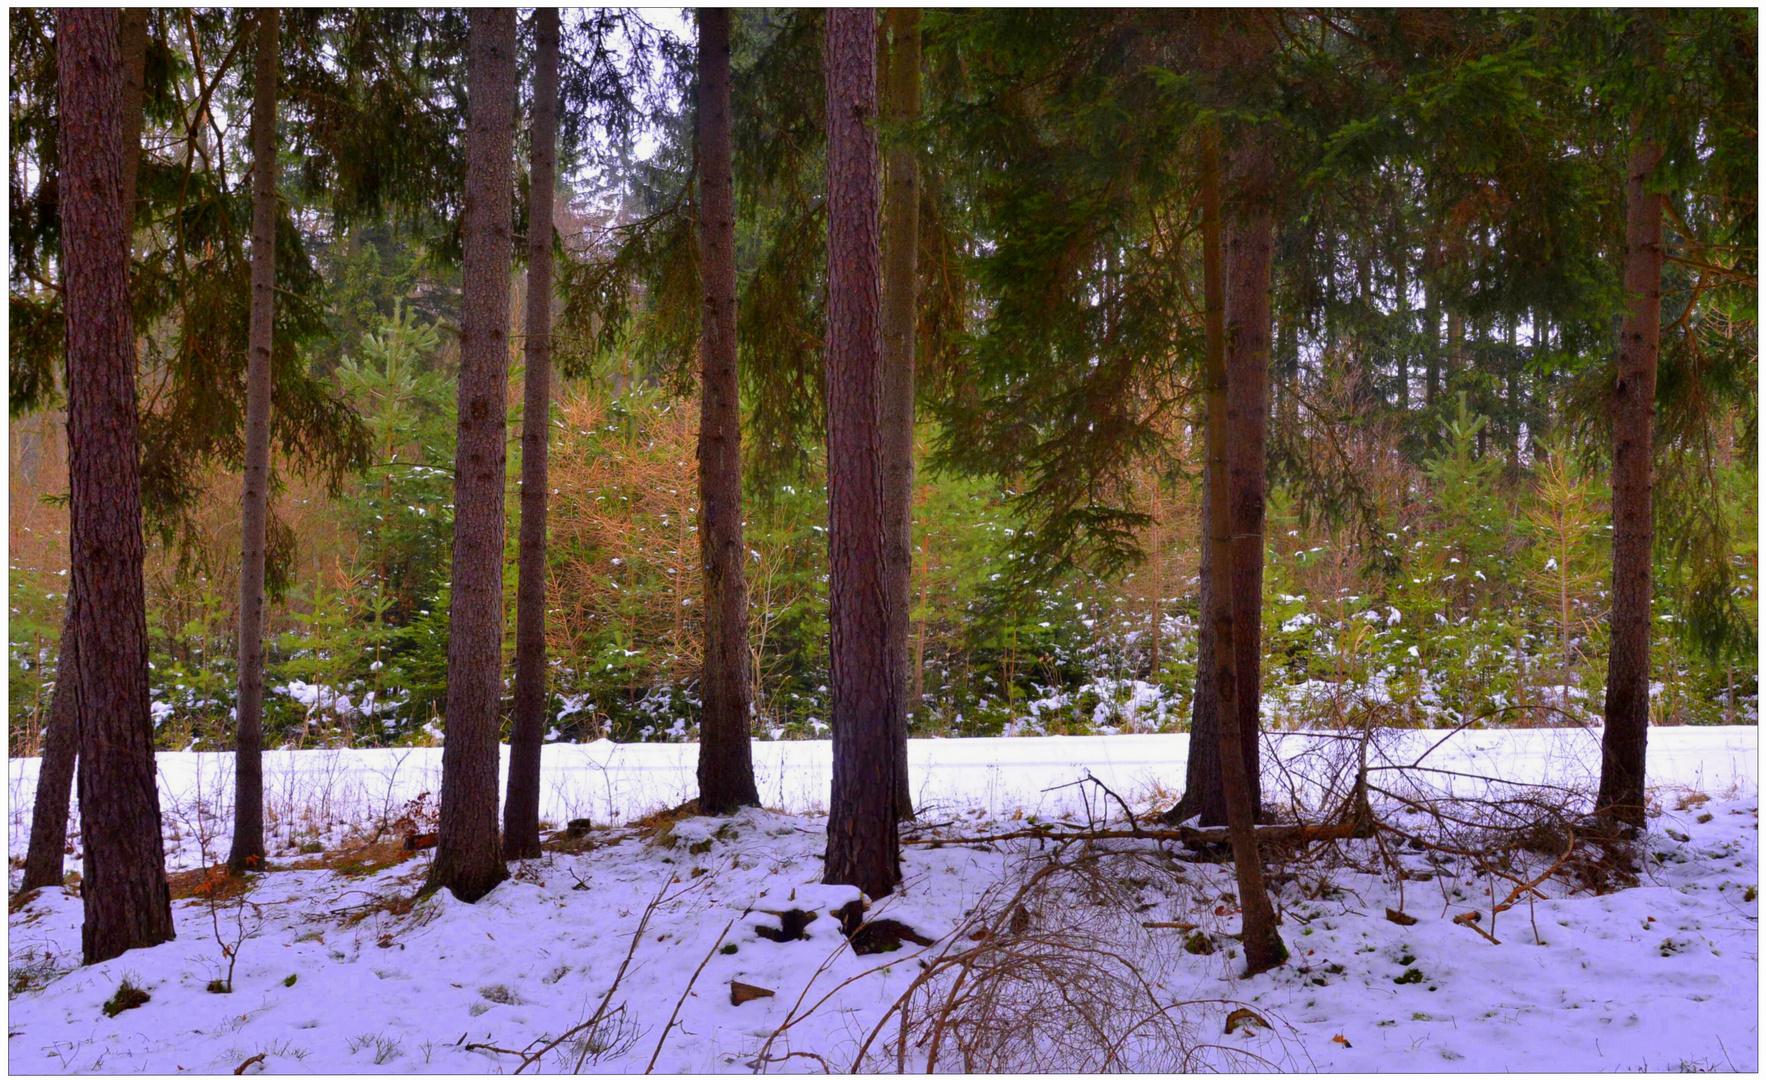 hoy en el bosque (Heute im Wald)